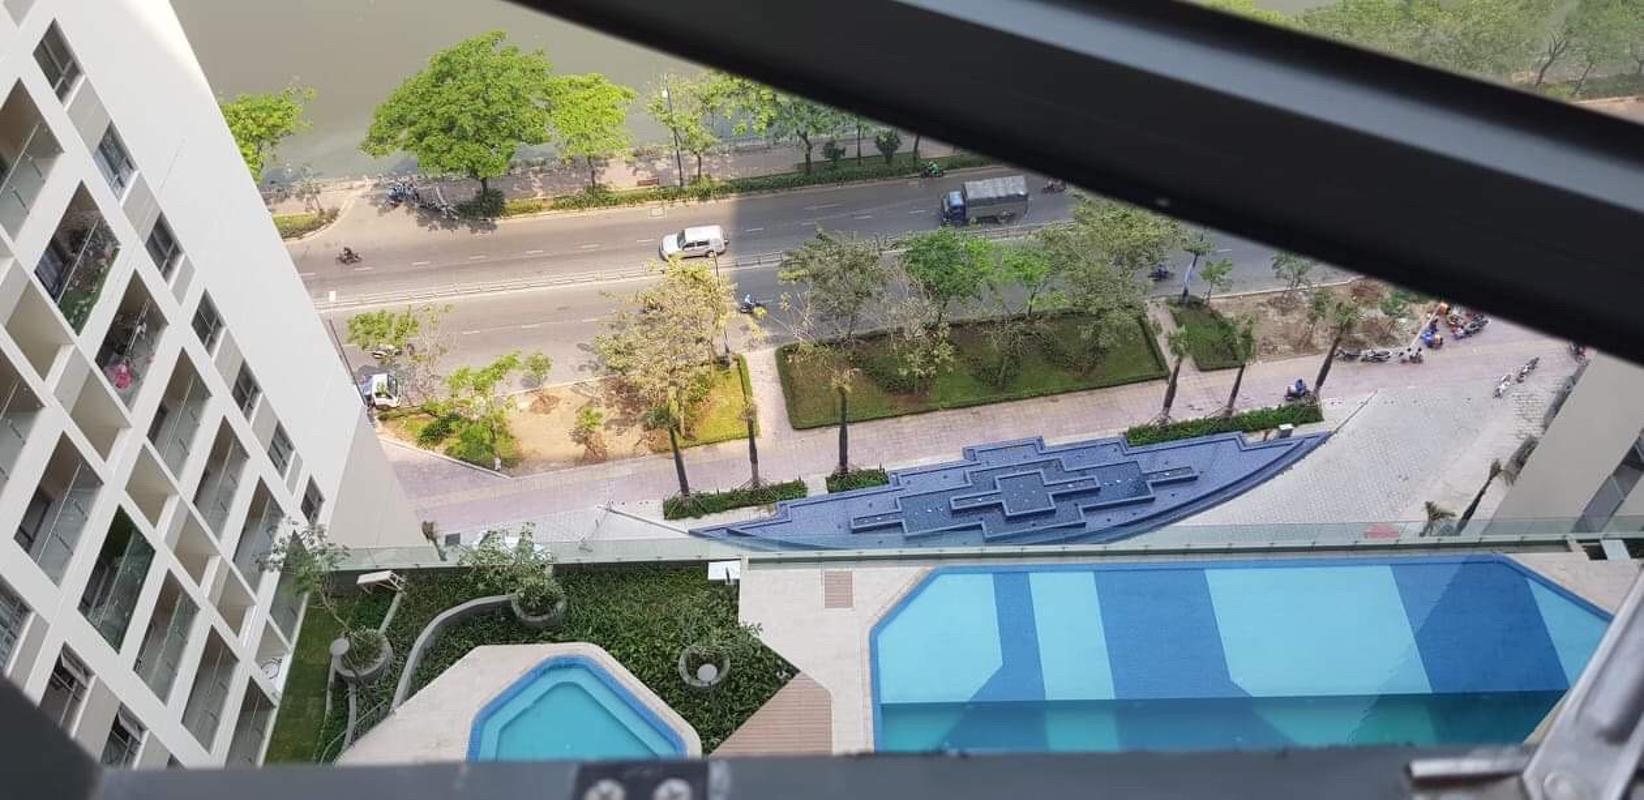 can-ho-THE-GOLD-VIEW Bán căn hộ The Gold View 2PN, tầng trung, nội thất cơ bản, view kênh Bến Nghé và thành phố